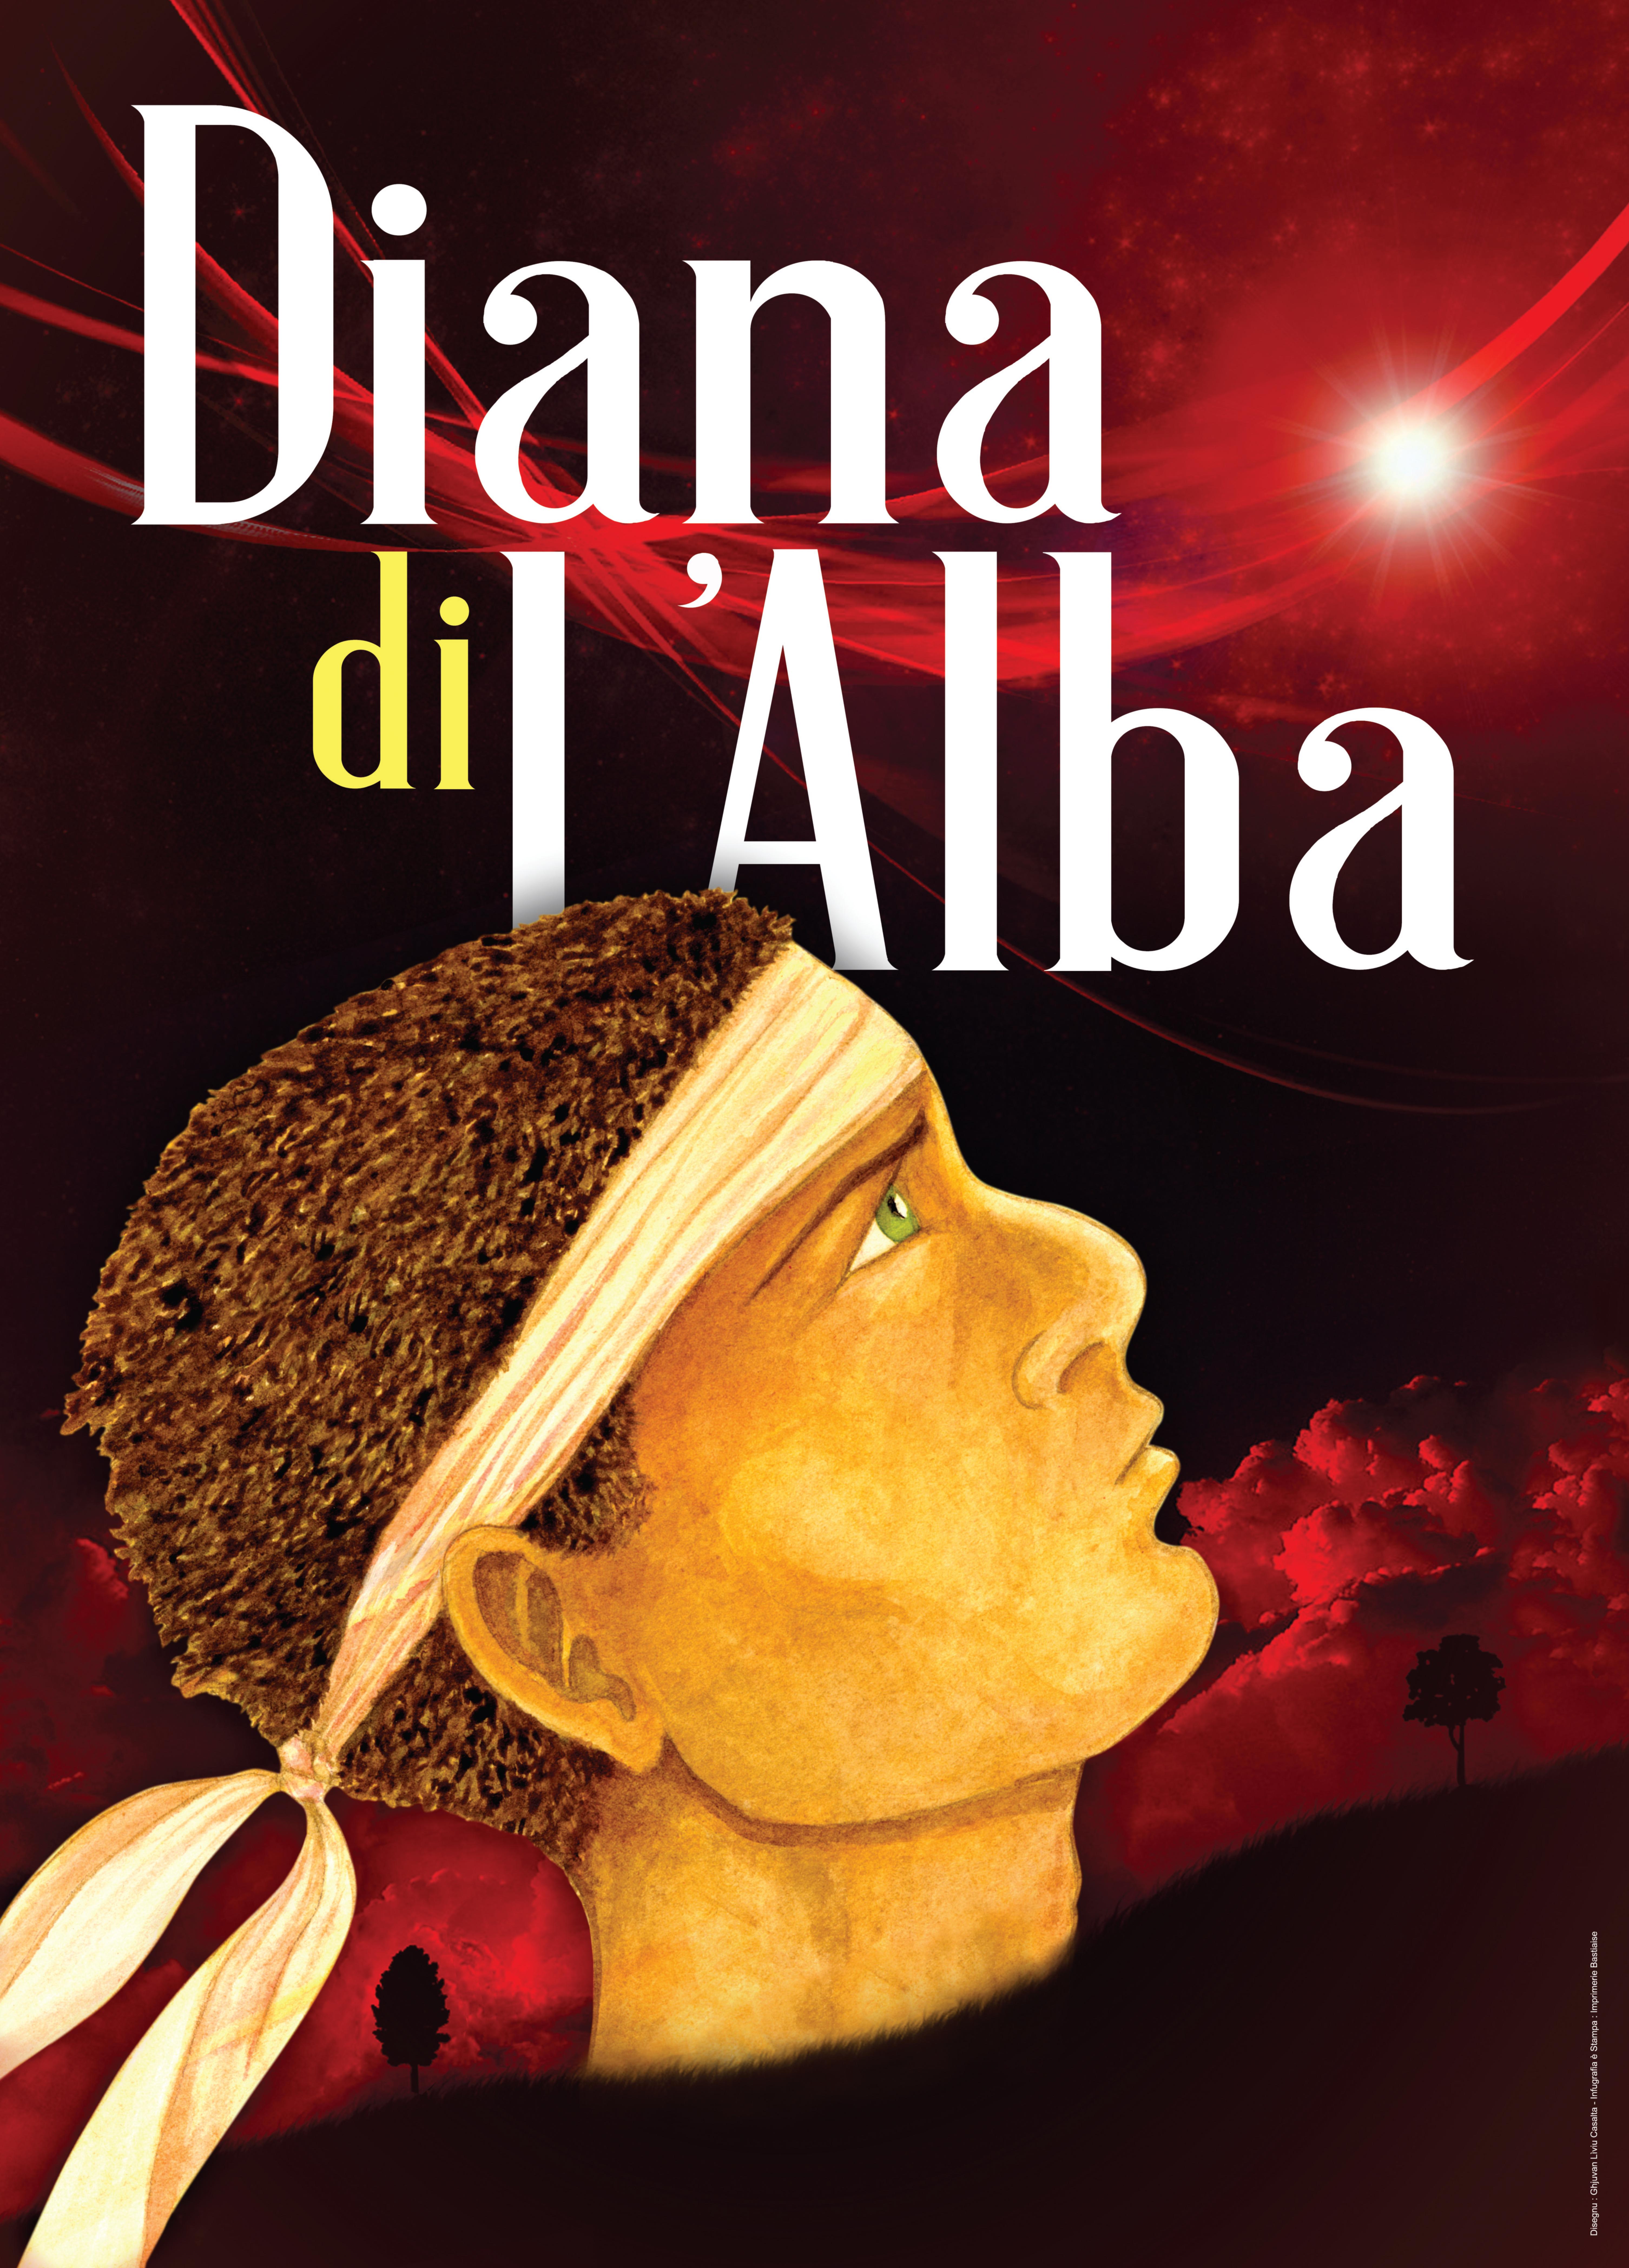 L'association des commerçants de l'Ile-Rousse organise sa braderie et accueille le groupe Diana di l'Alba